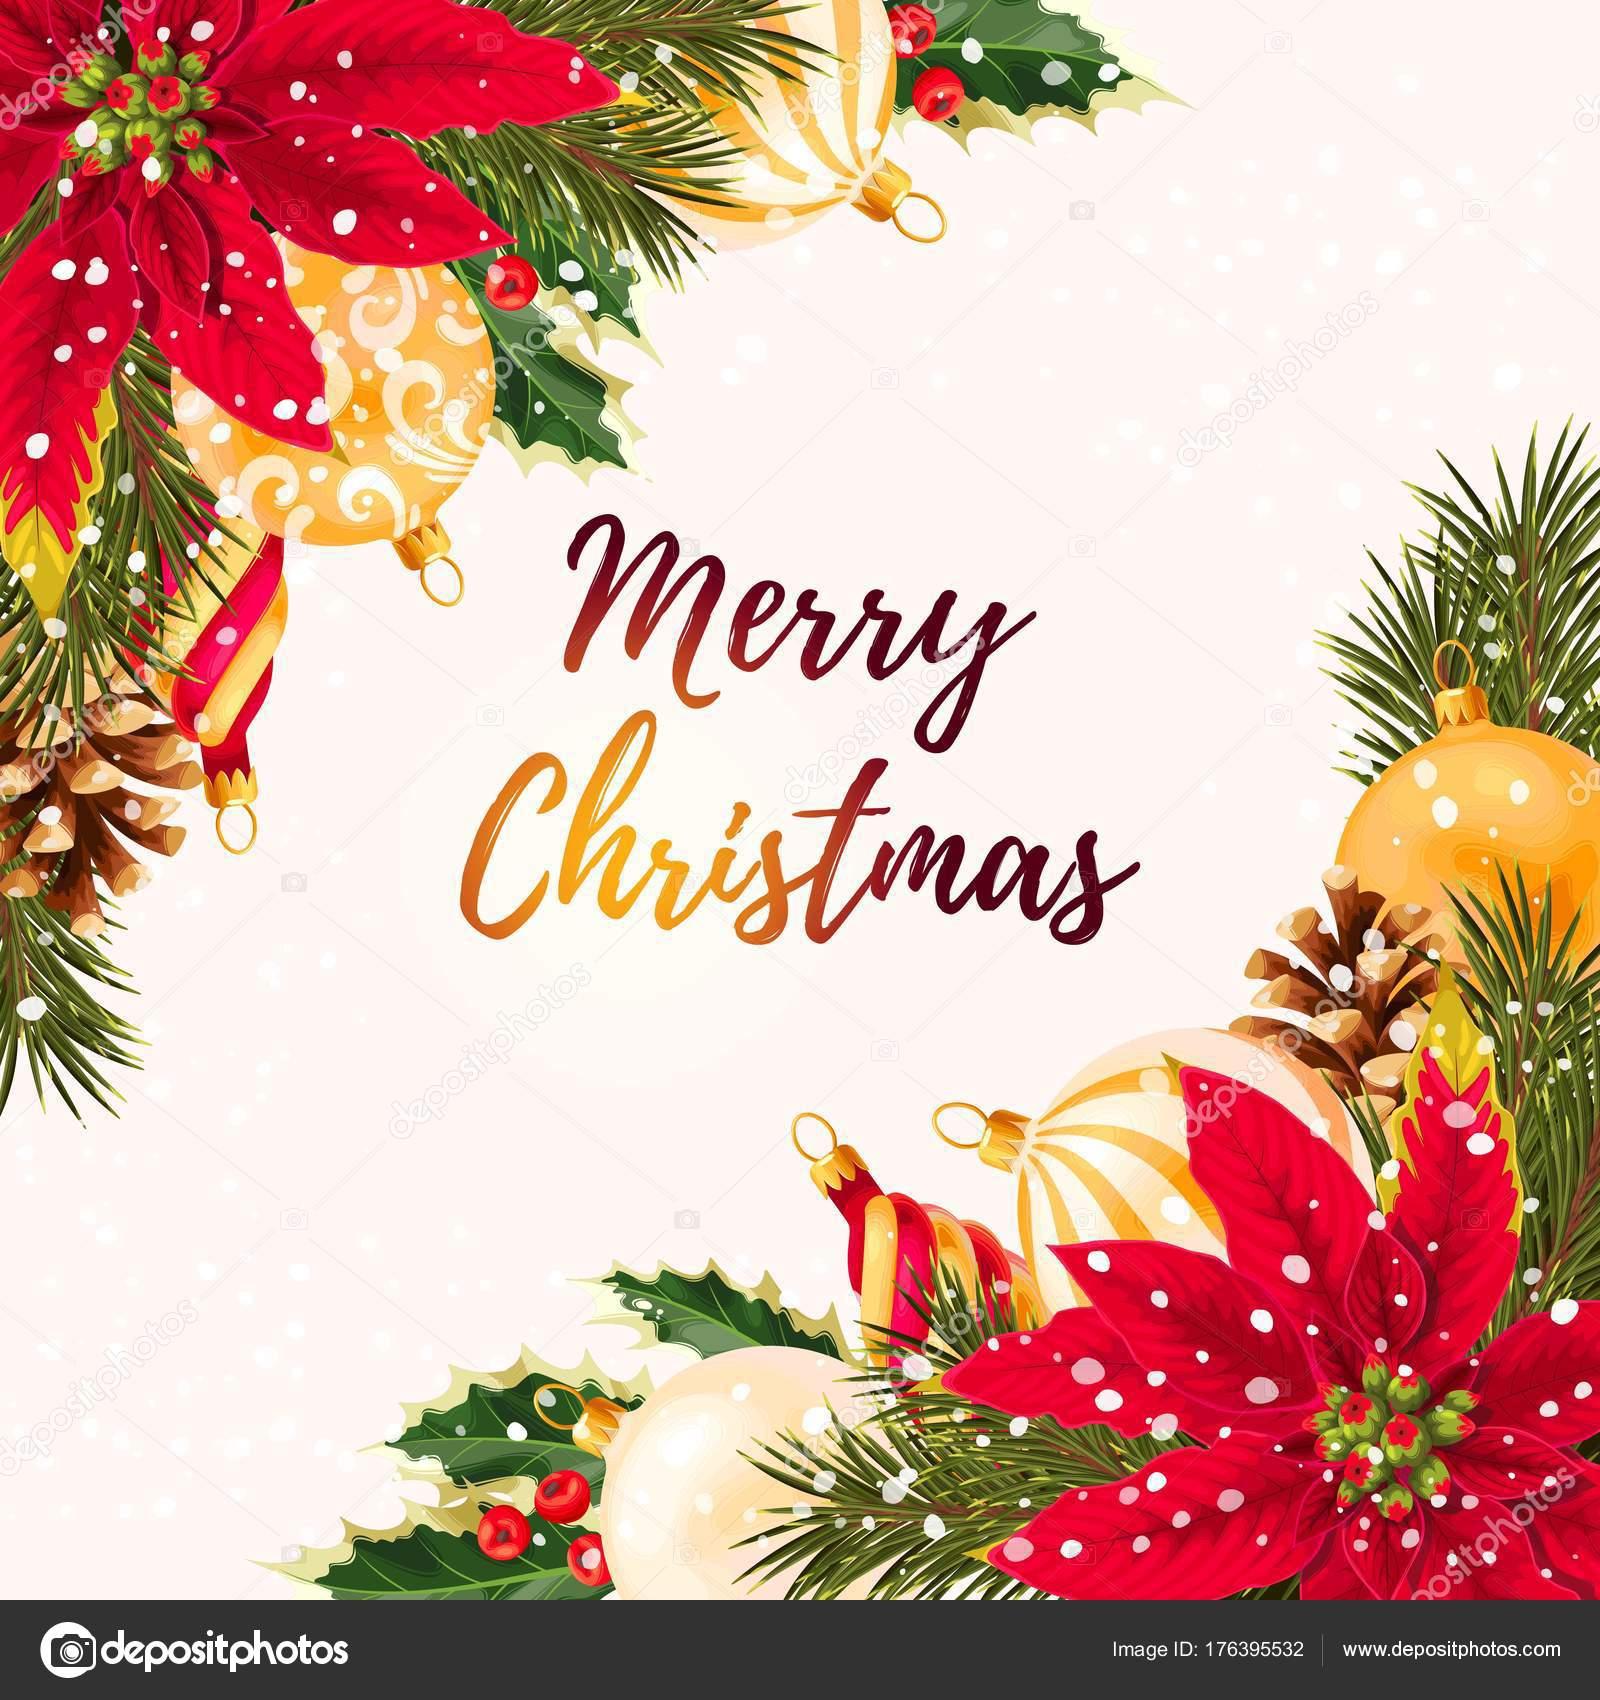 Frohe Weihnachten Grüße.Frohe Weihnachten Gruß Postkarte Stockvektor Greylilac 176395532